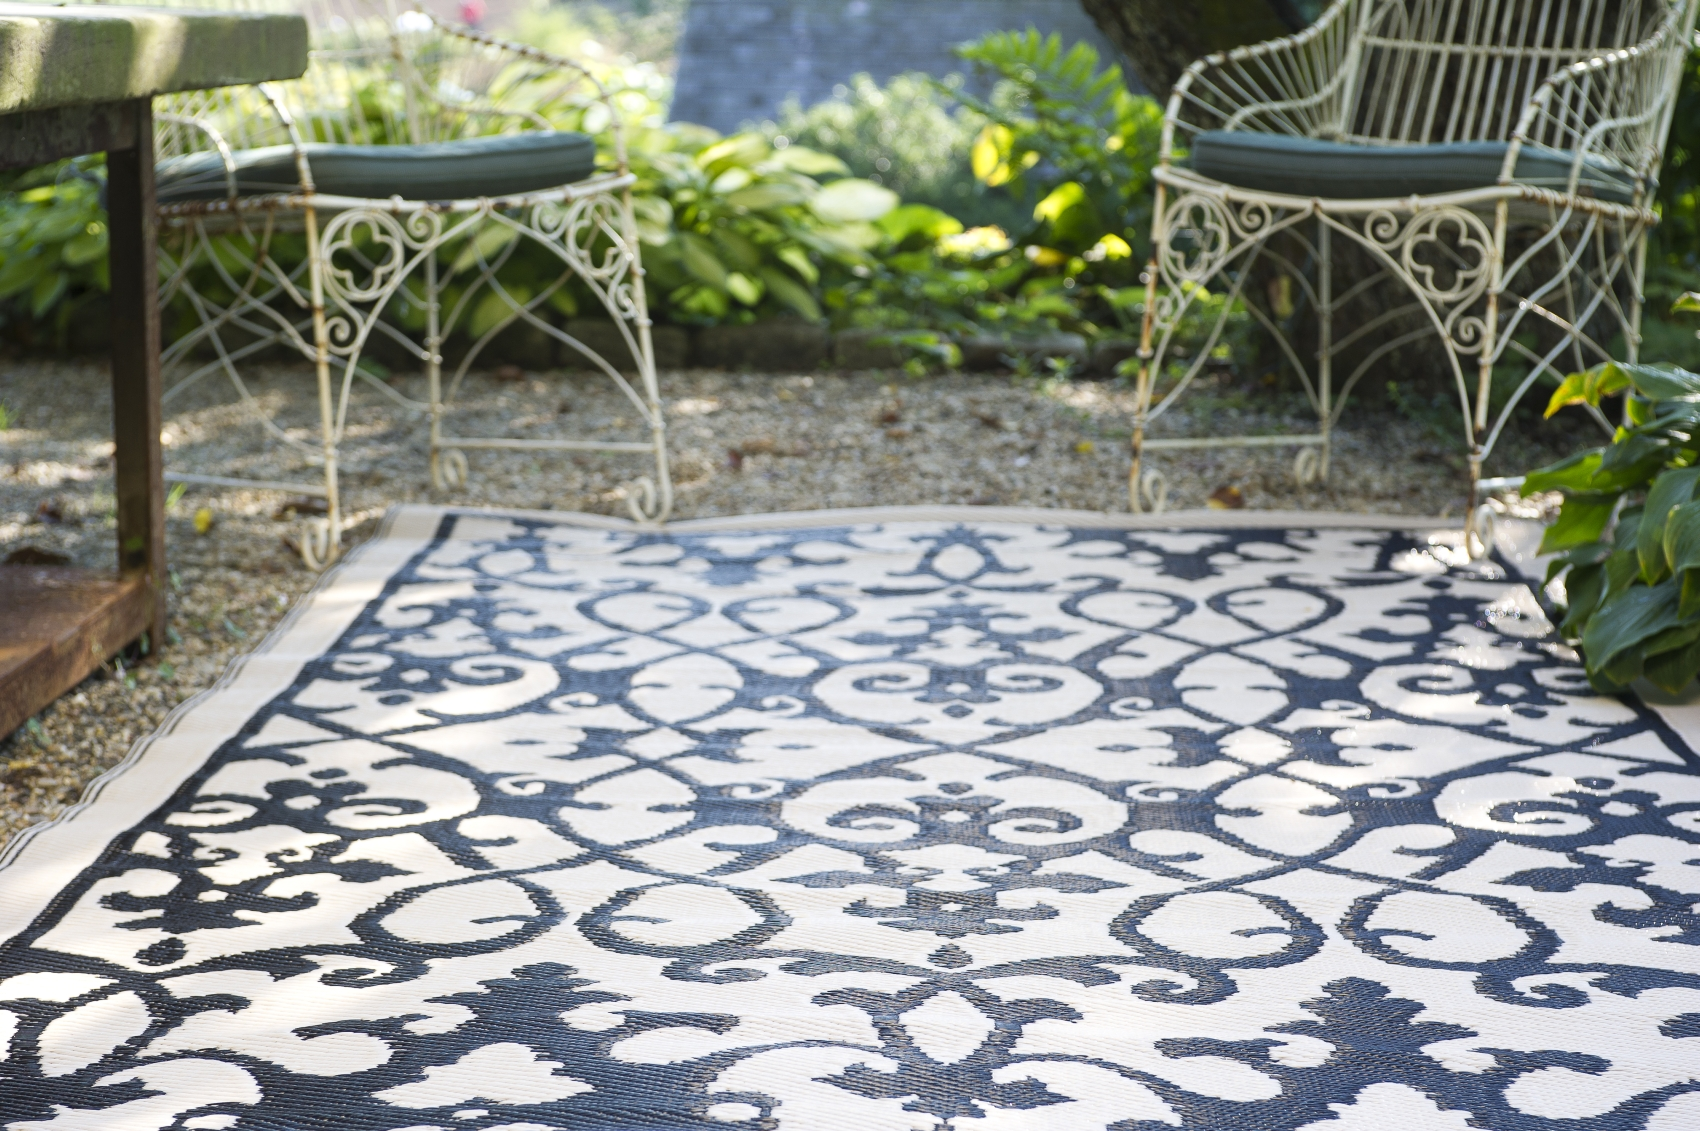 Garten im quadrat outdoor teppich venedig ranken schwarz weiß